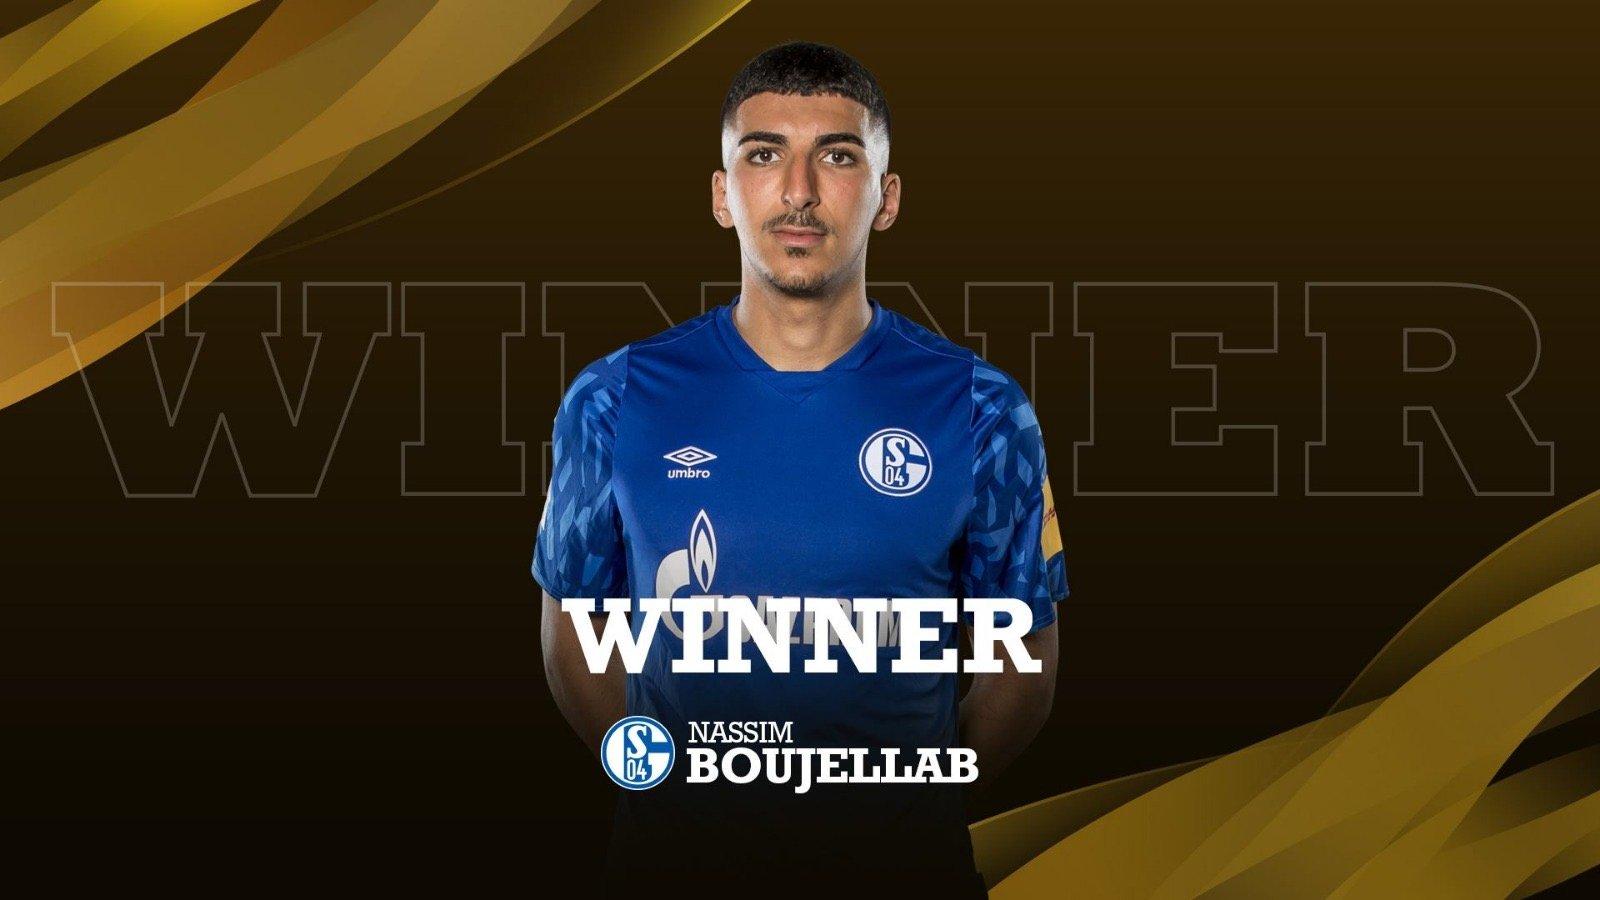 Нассим Бужеллаб выиграл турнир по eFootball PES 2020 для профессиональных футболистов